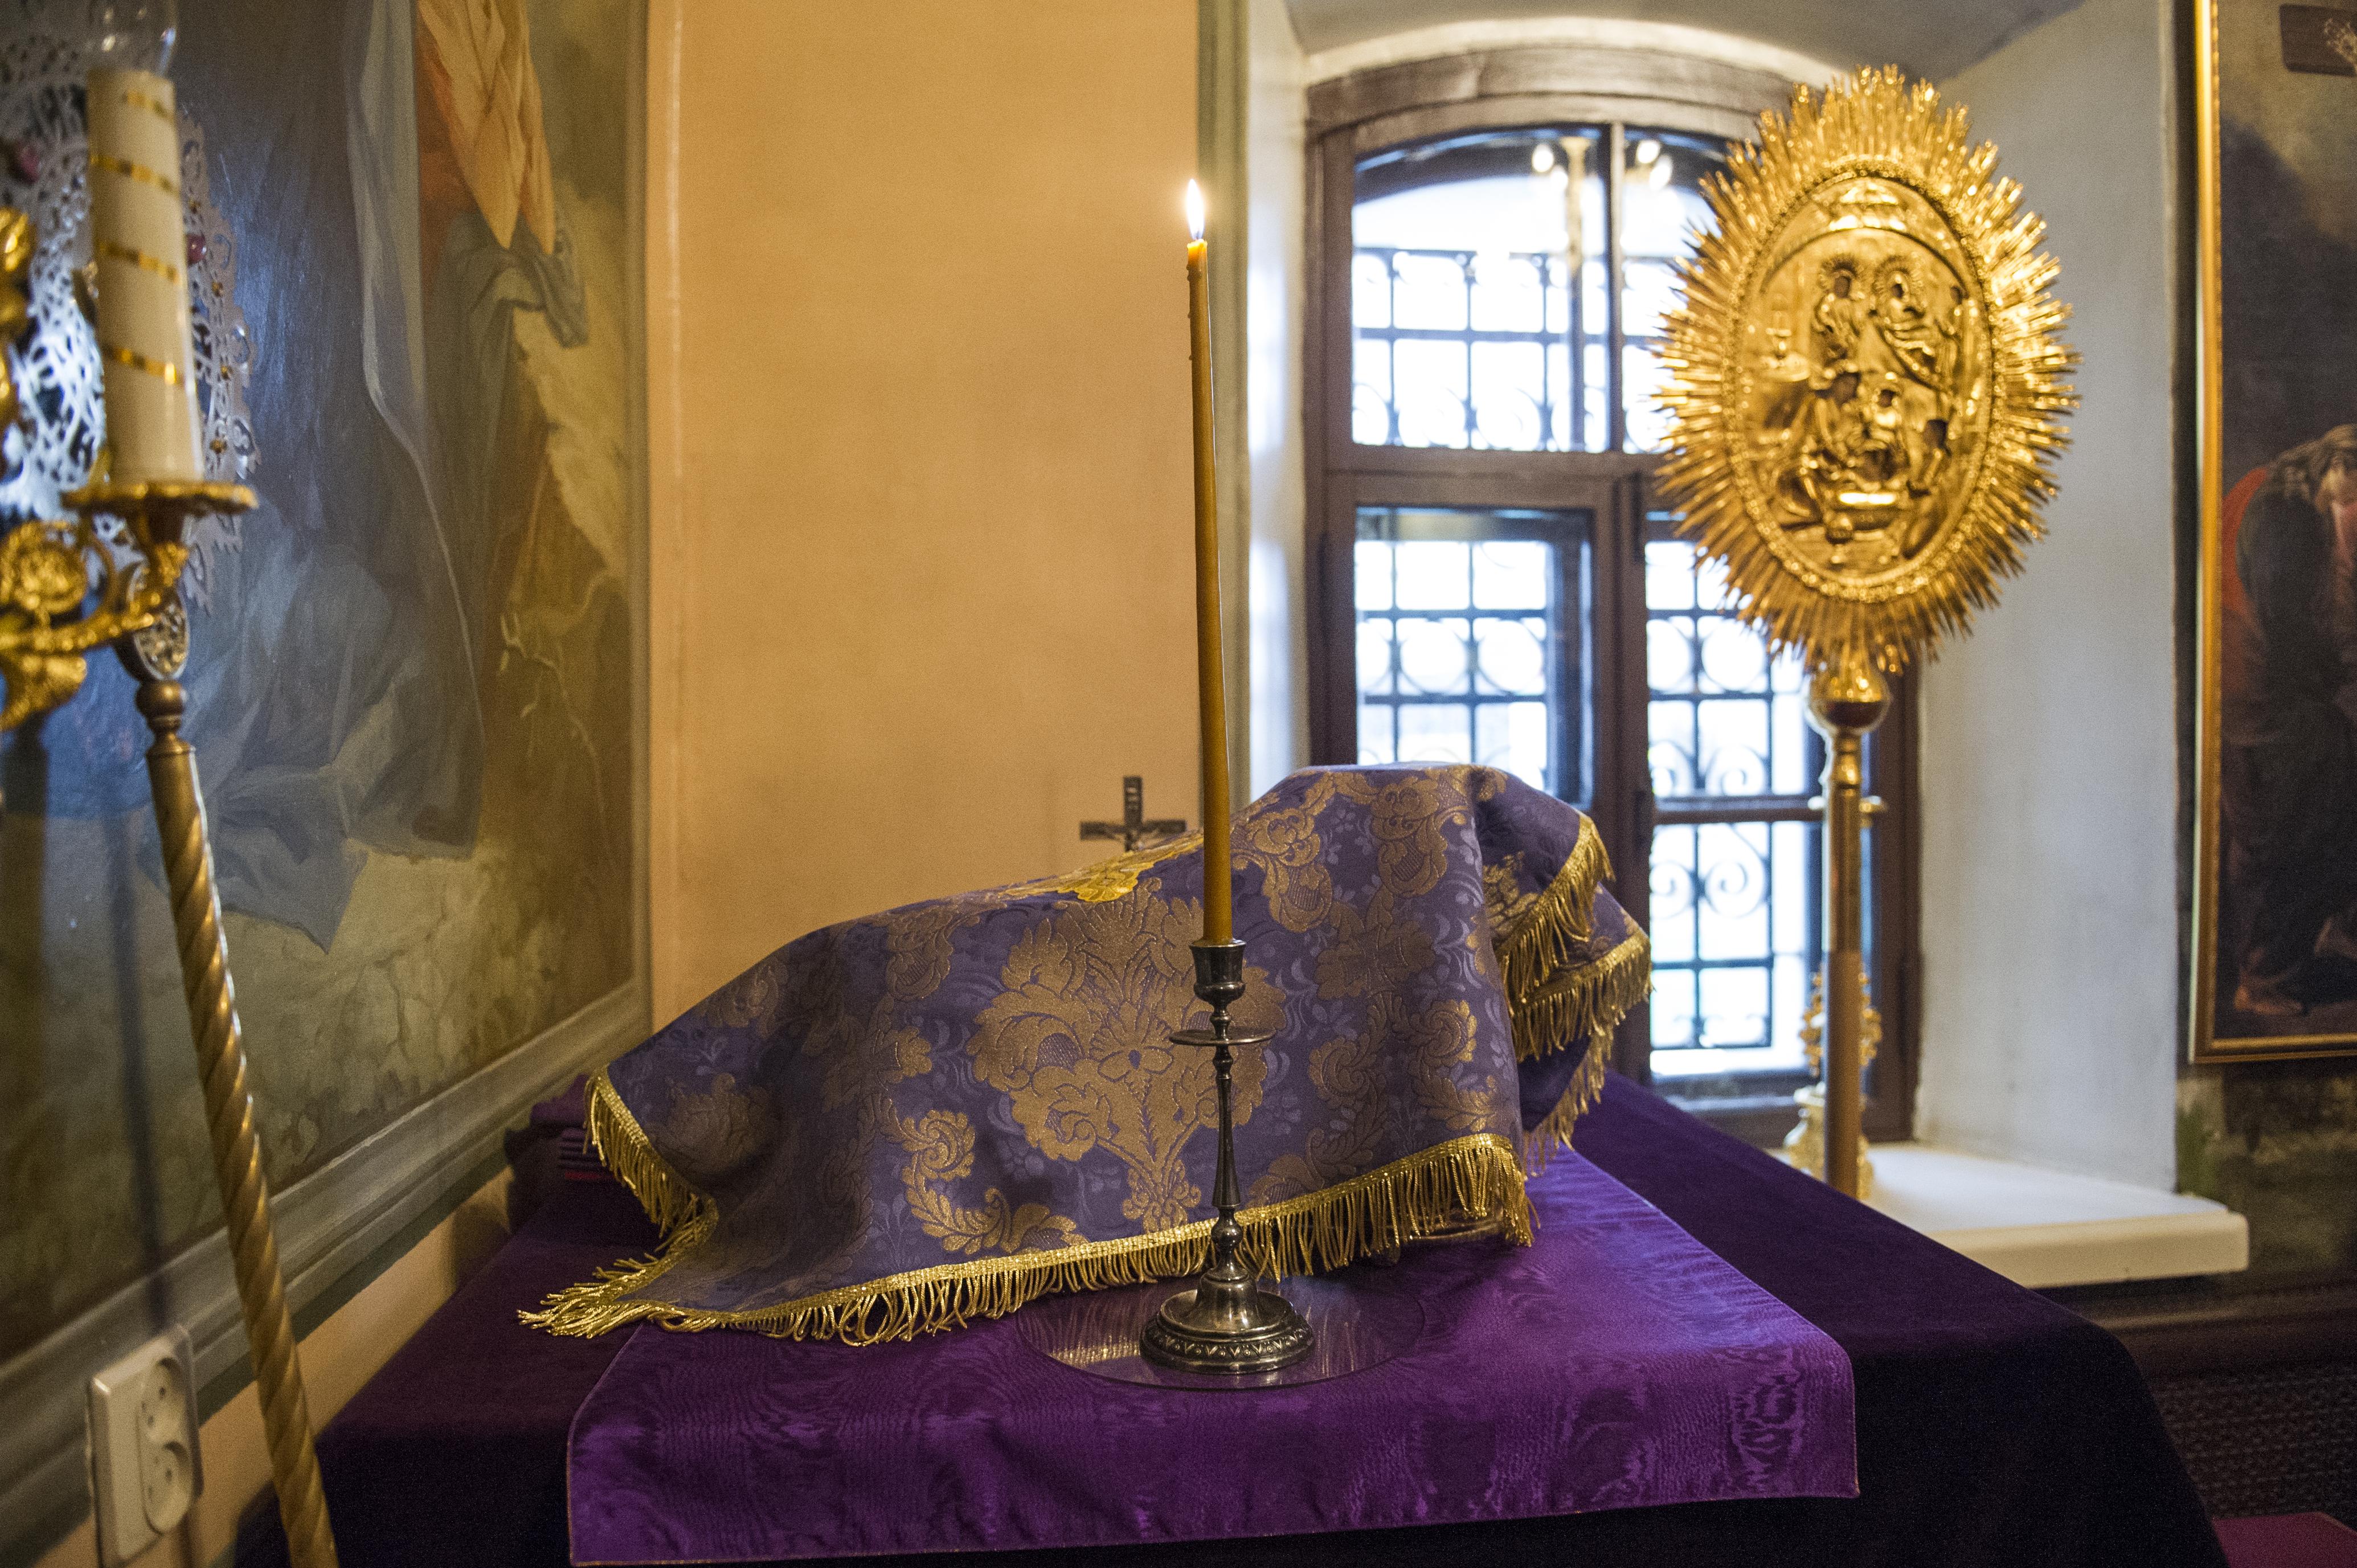 Епископ Воскресенский Дионисий совершил Литургию Преждеосвященных Даров в храме Живоначальной Троицы в Карачарове